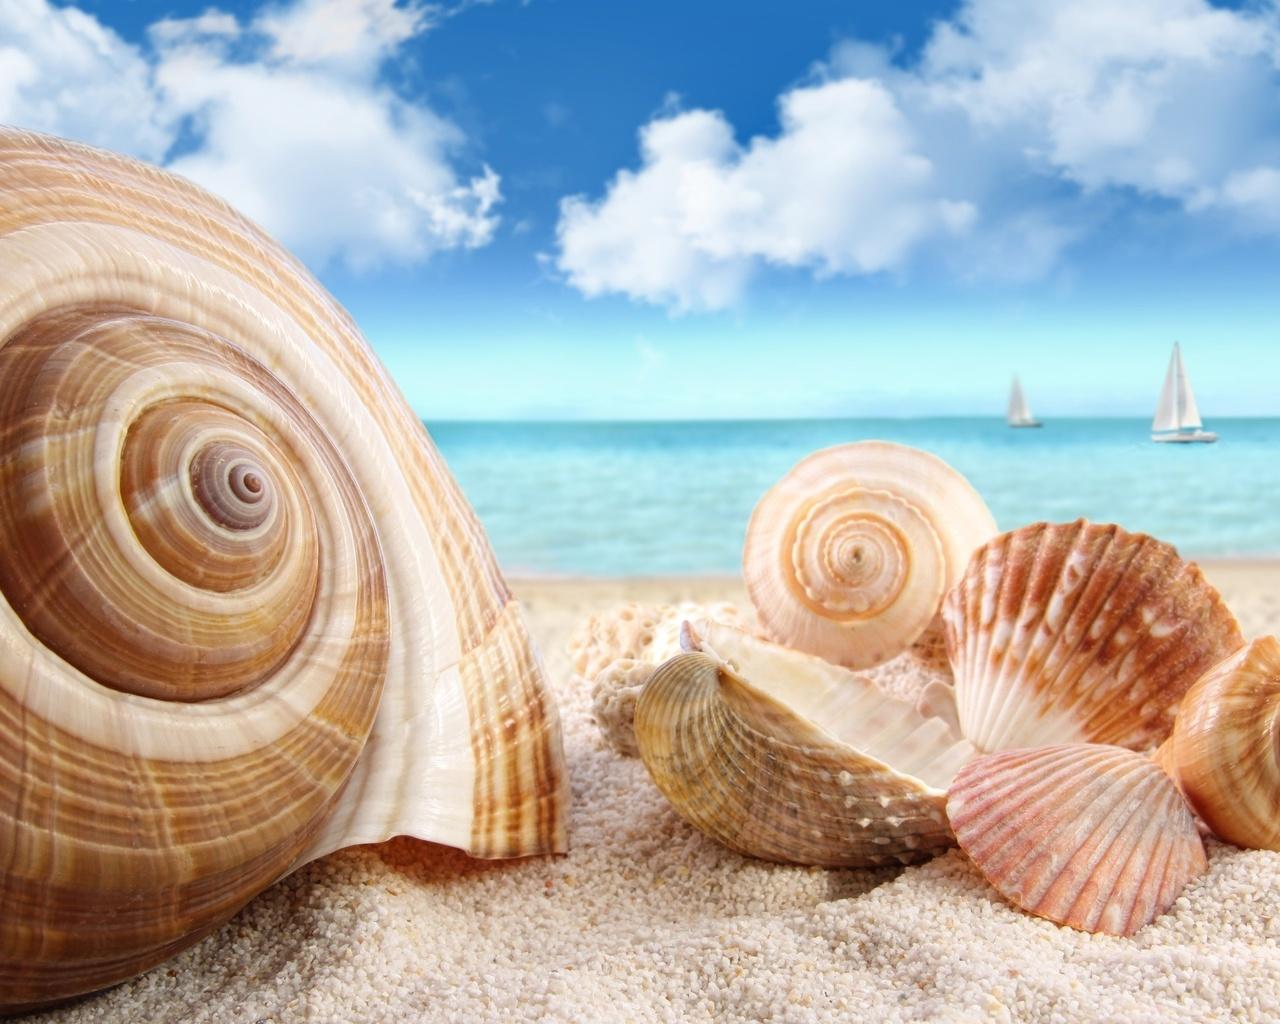 Море картинки ракушки